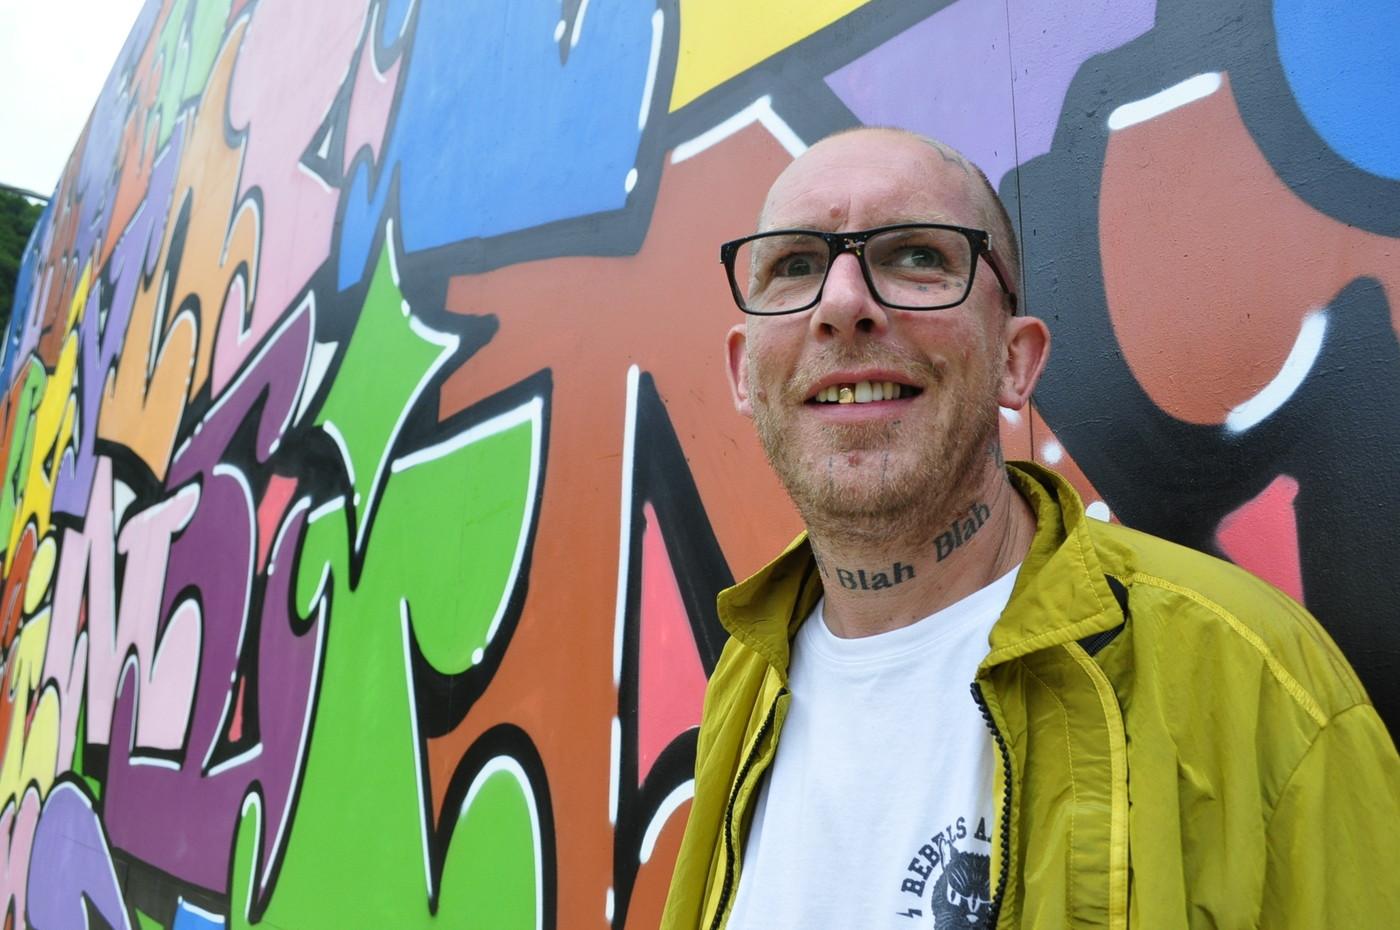 アンフェアグランドのグラフィティアーティスト #2